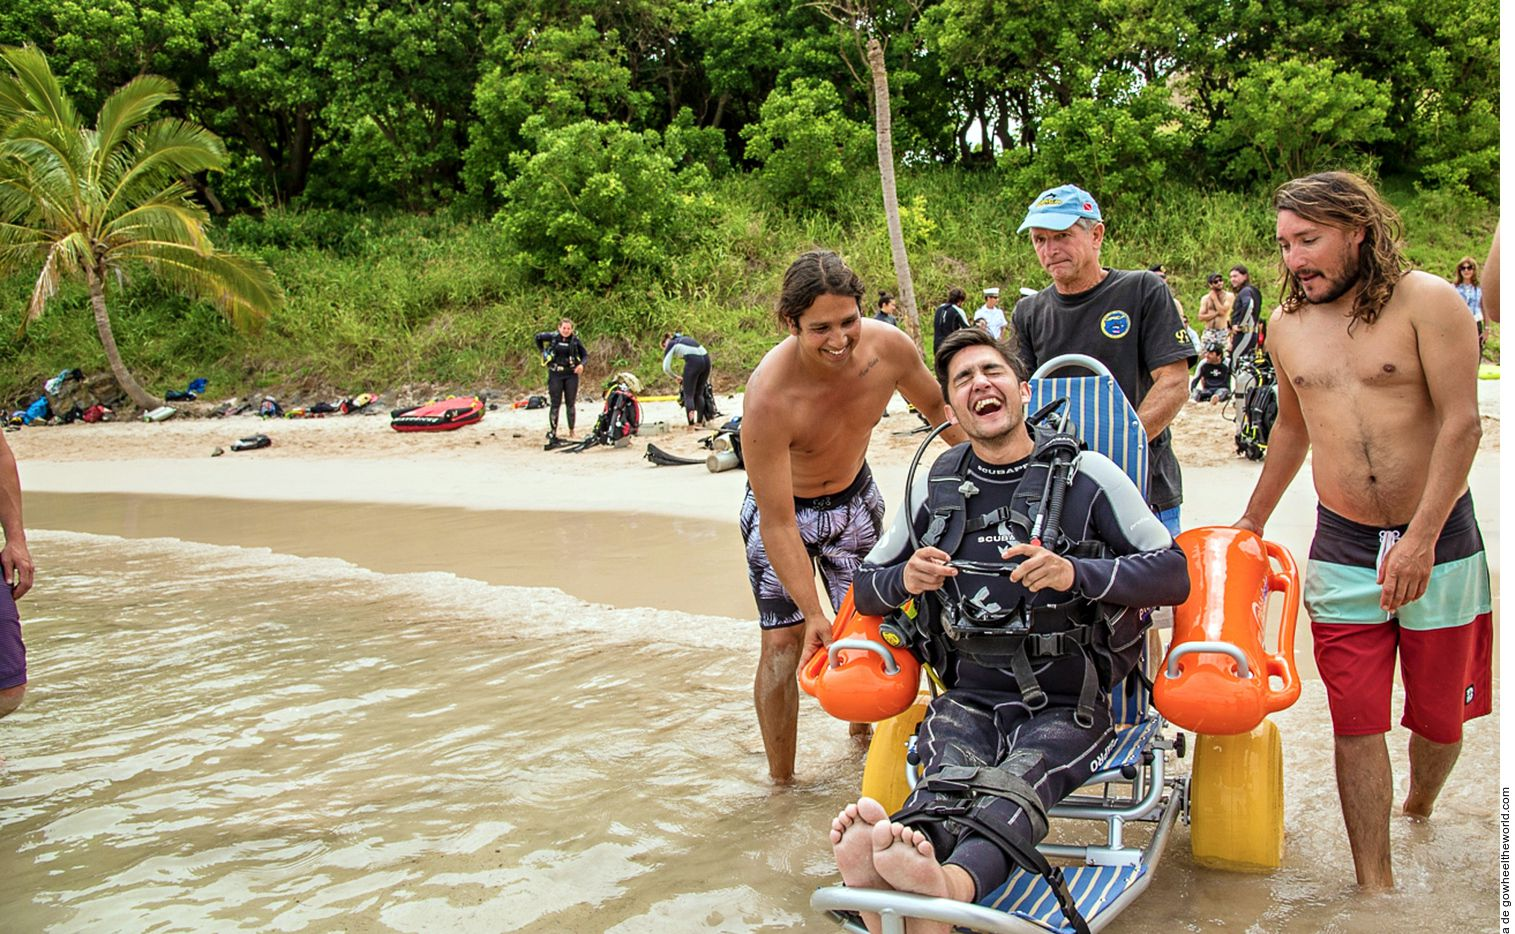 La plataforma Wheel the World presenta opciones de viajes accesibles para personas con discapacidad en Latinoamérica y otros destinos como Estados Unidos y Tanzania.